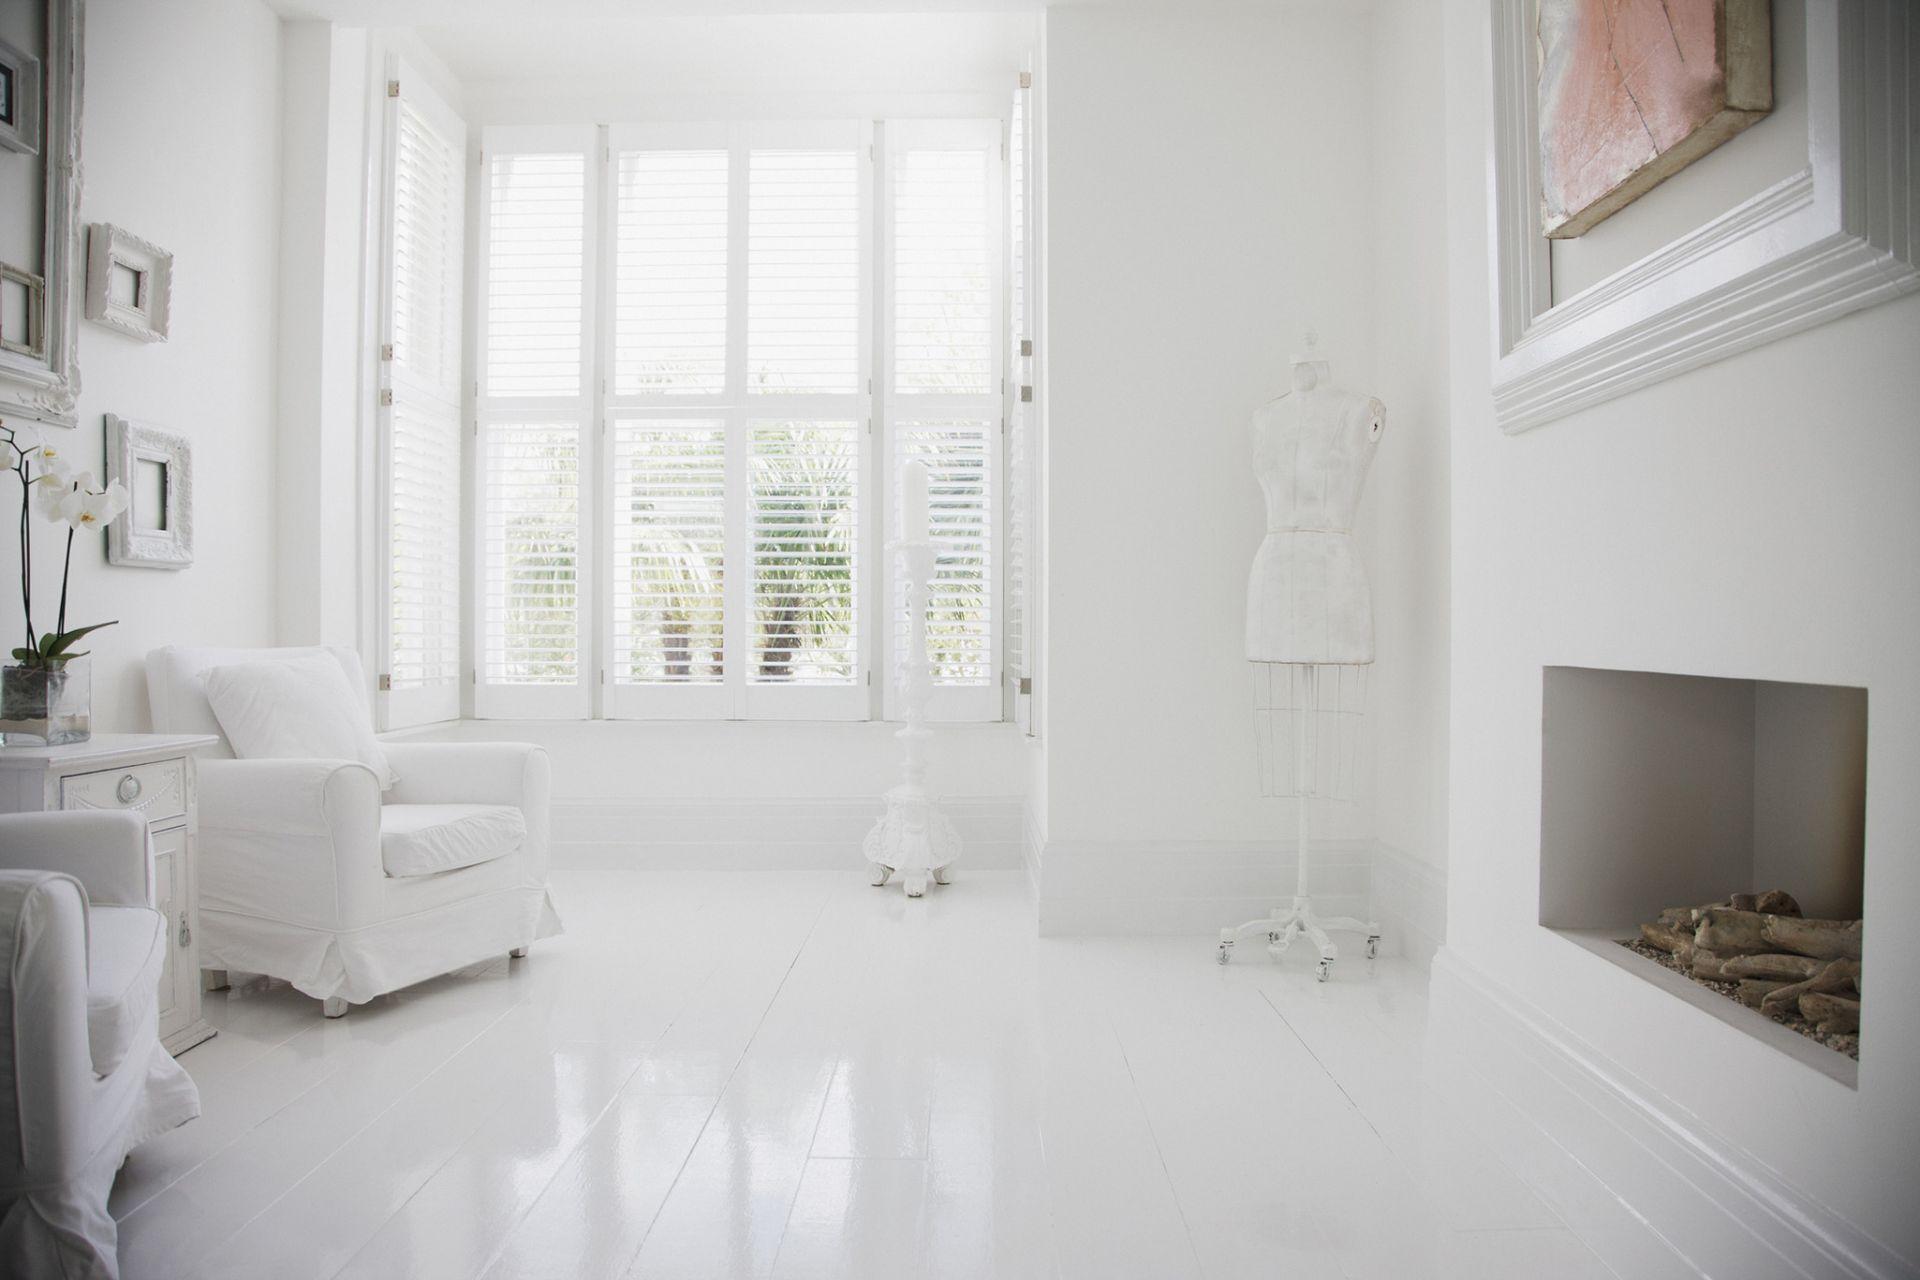 Inspiratie voor raamdecoratie in huis